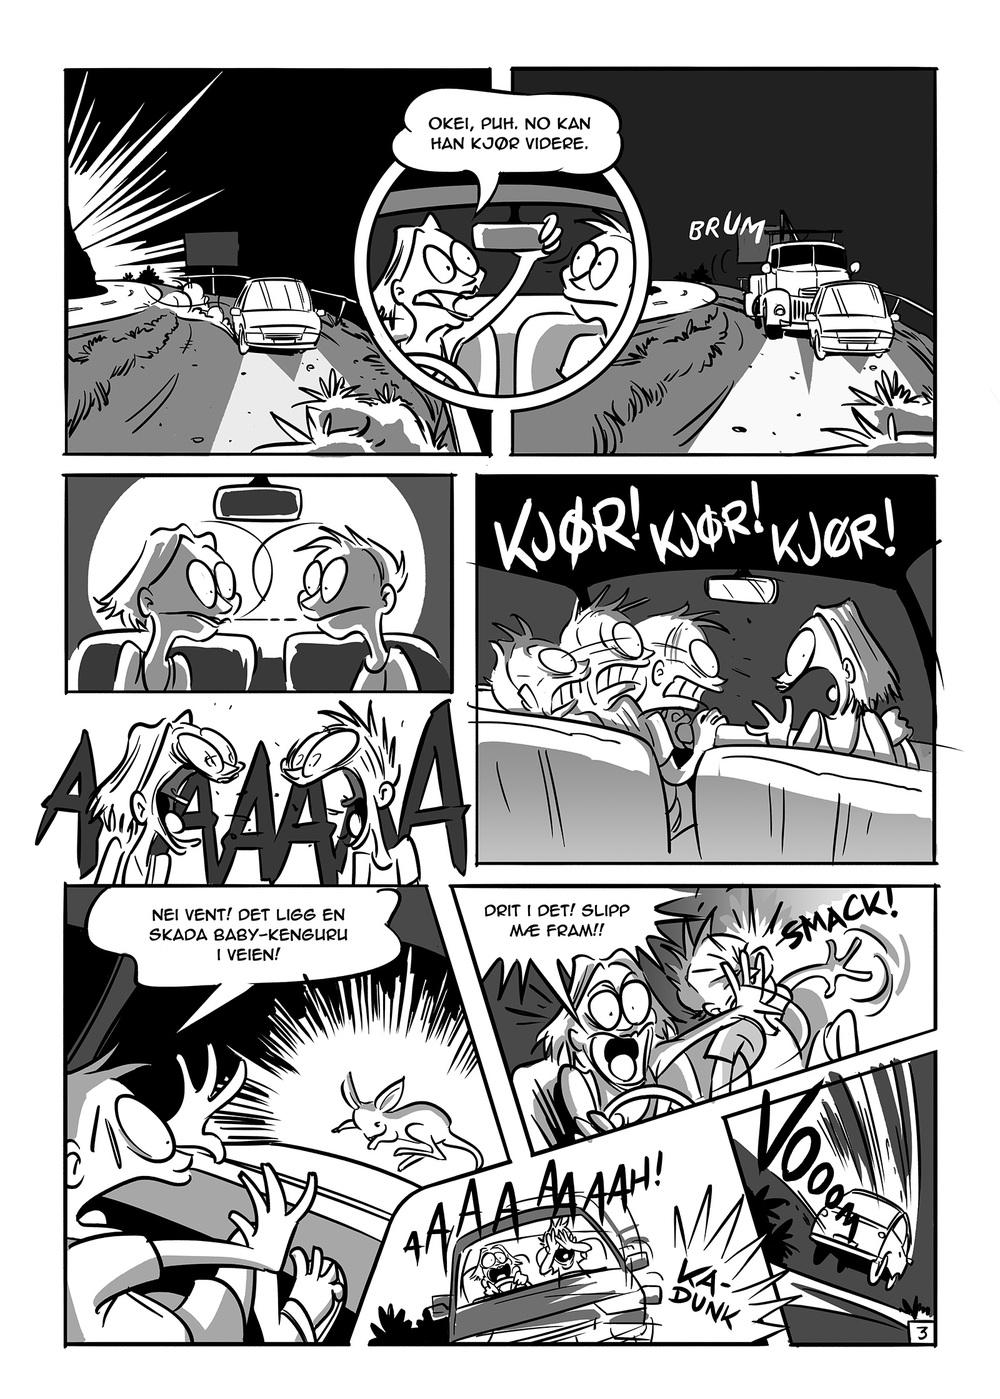 kennethlarsen-bestiscomic-terror3